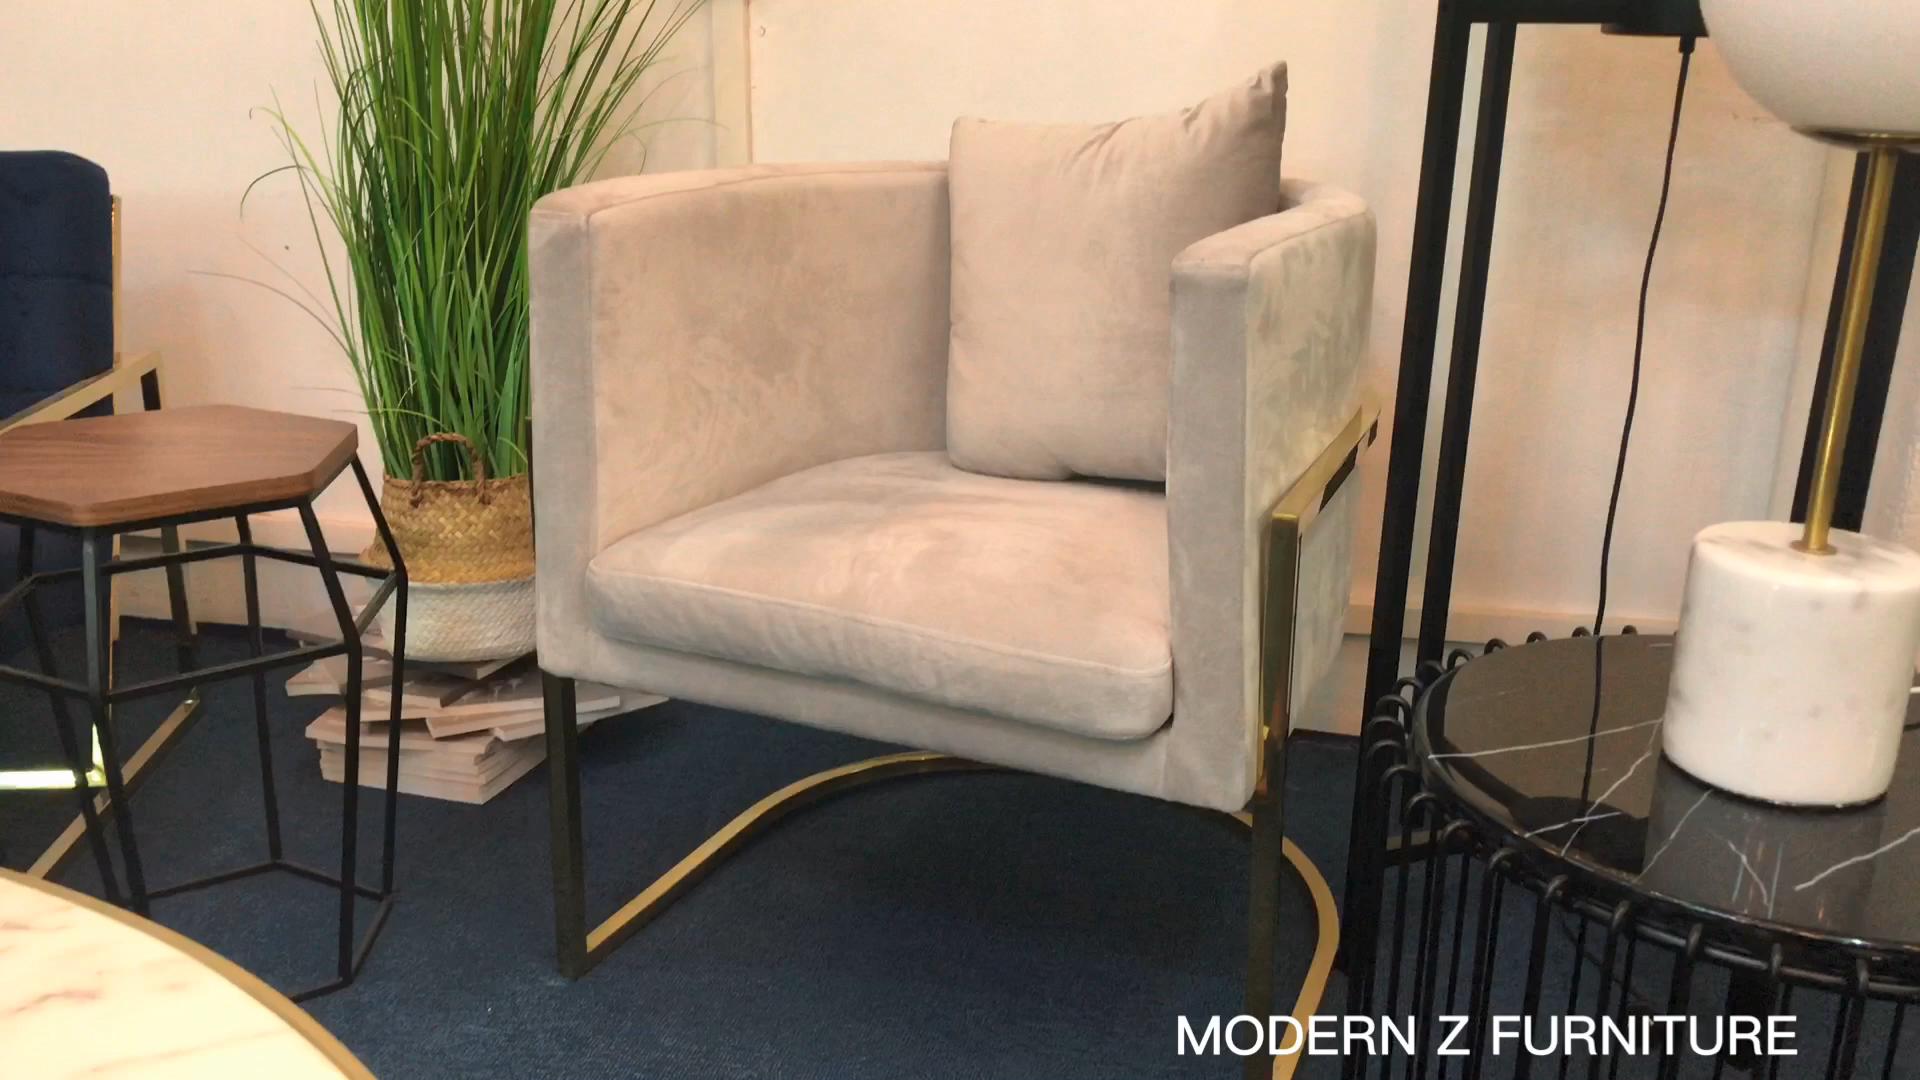 سعر المصنع الفولاذ المقاوم للصدأ الحديث الذهب مسند الأزرق المخملية منجد كرسي الطعام كرسي